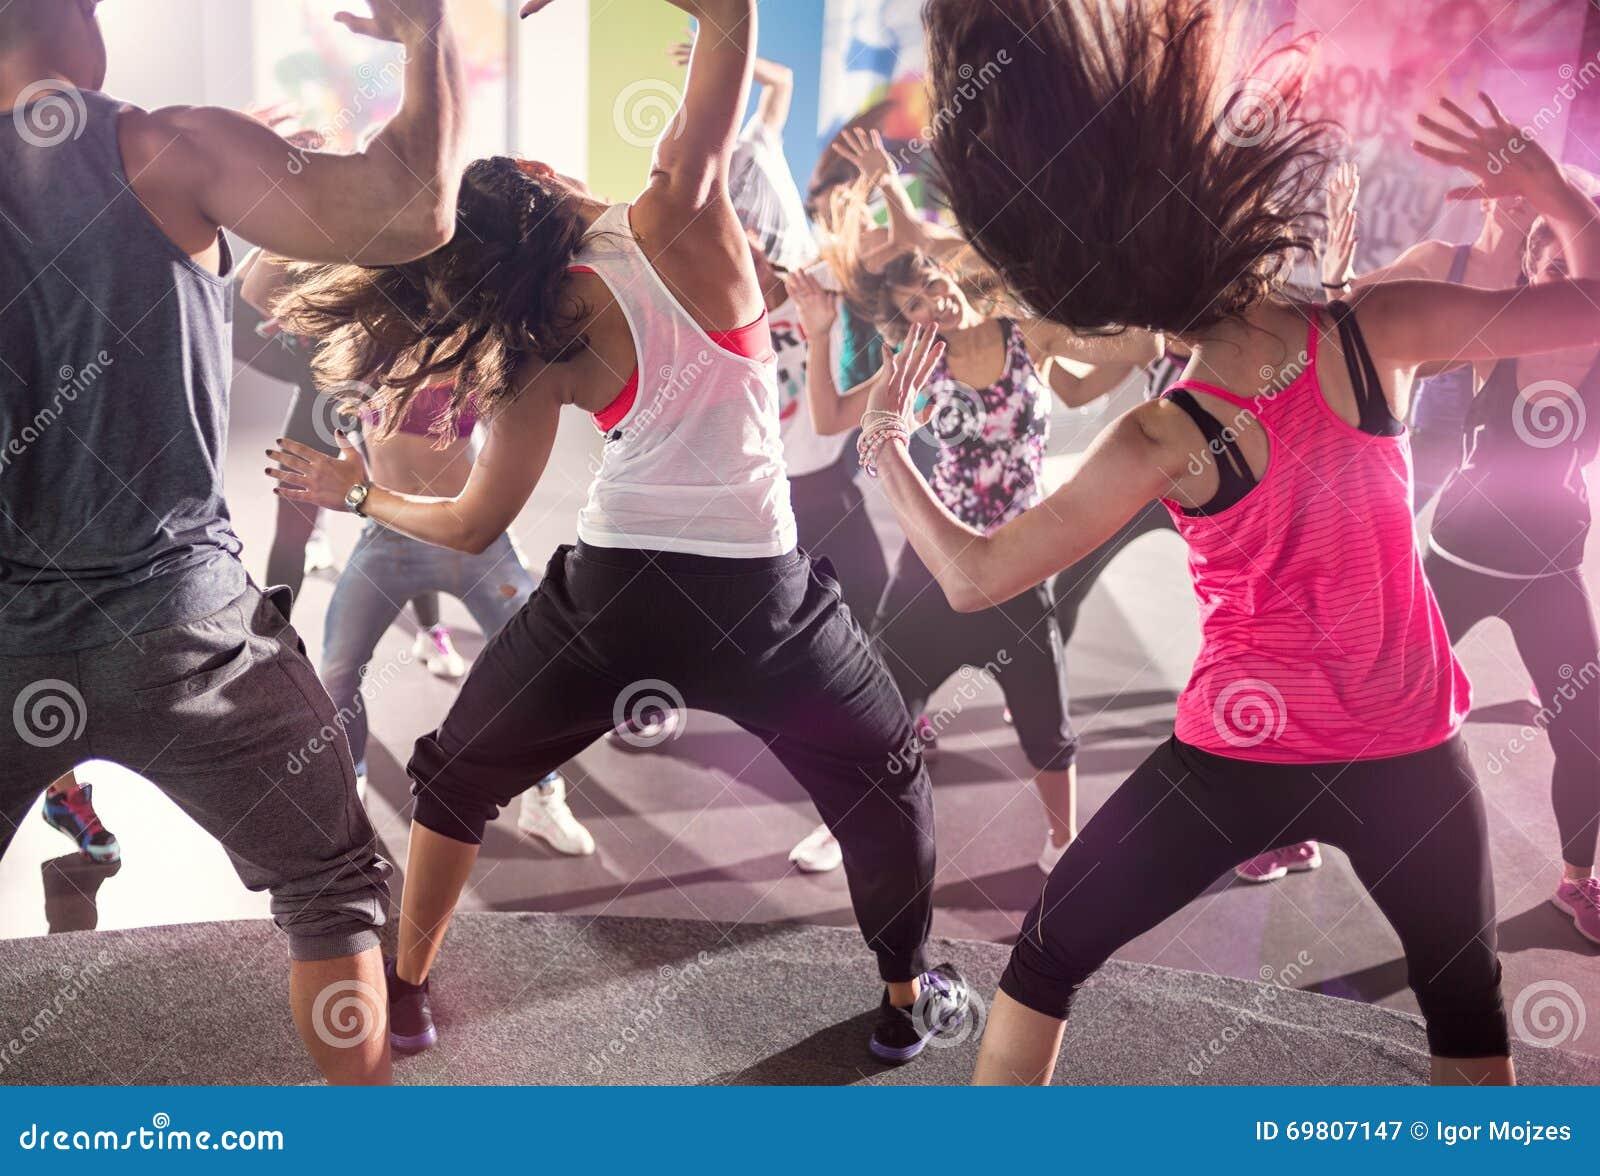 Grupo de pessoas na classe de dança urbana